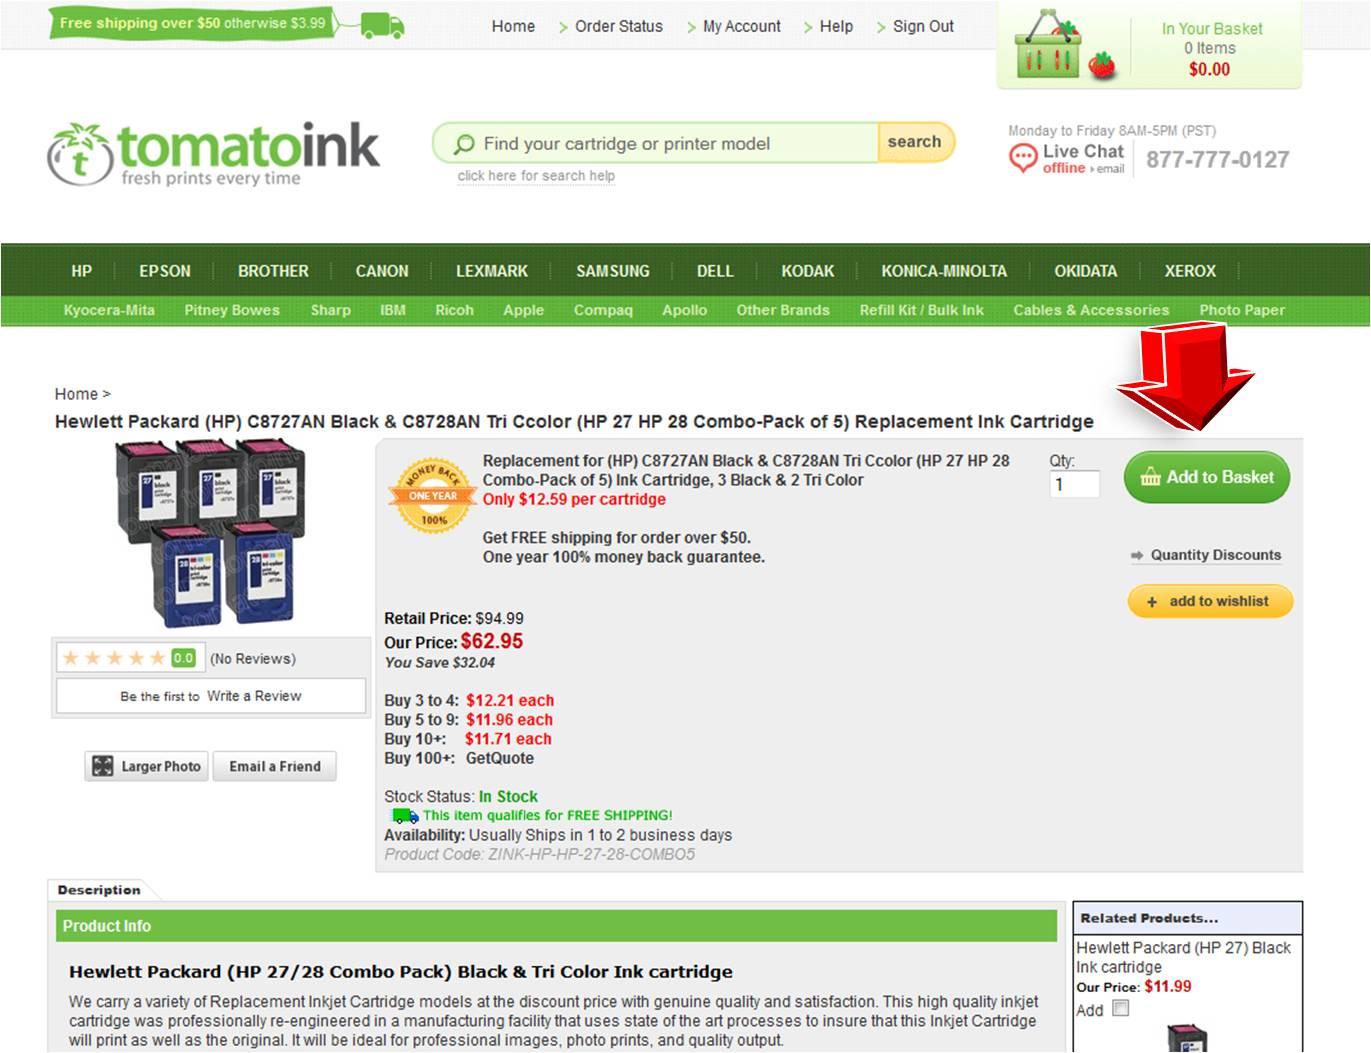 Organifi online coupon 20